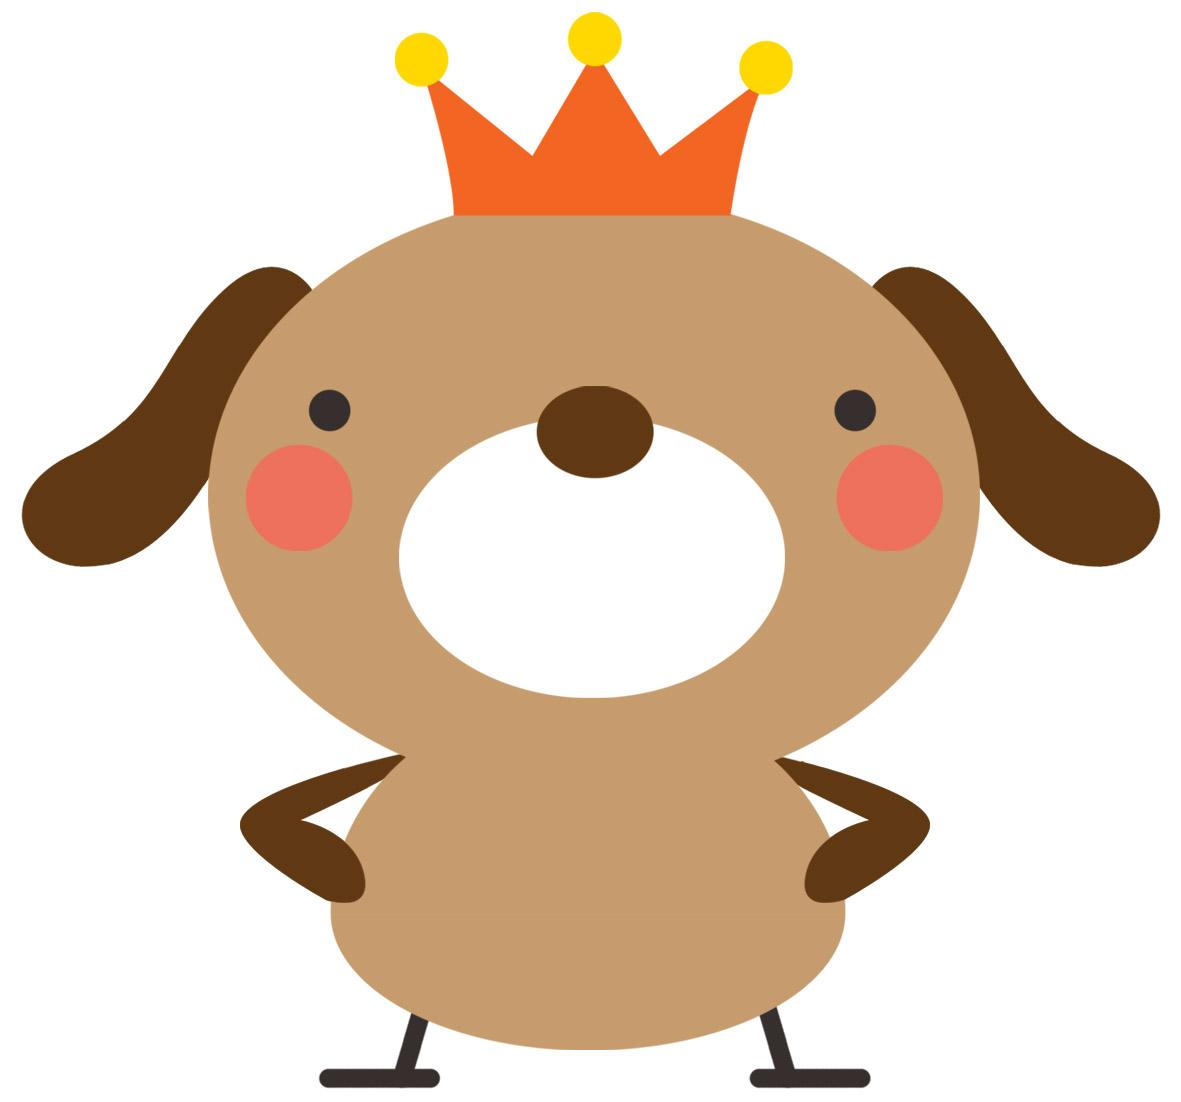 素材】可愛らしい犬のイラスト・アイコン・クリップアート素材まとめ